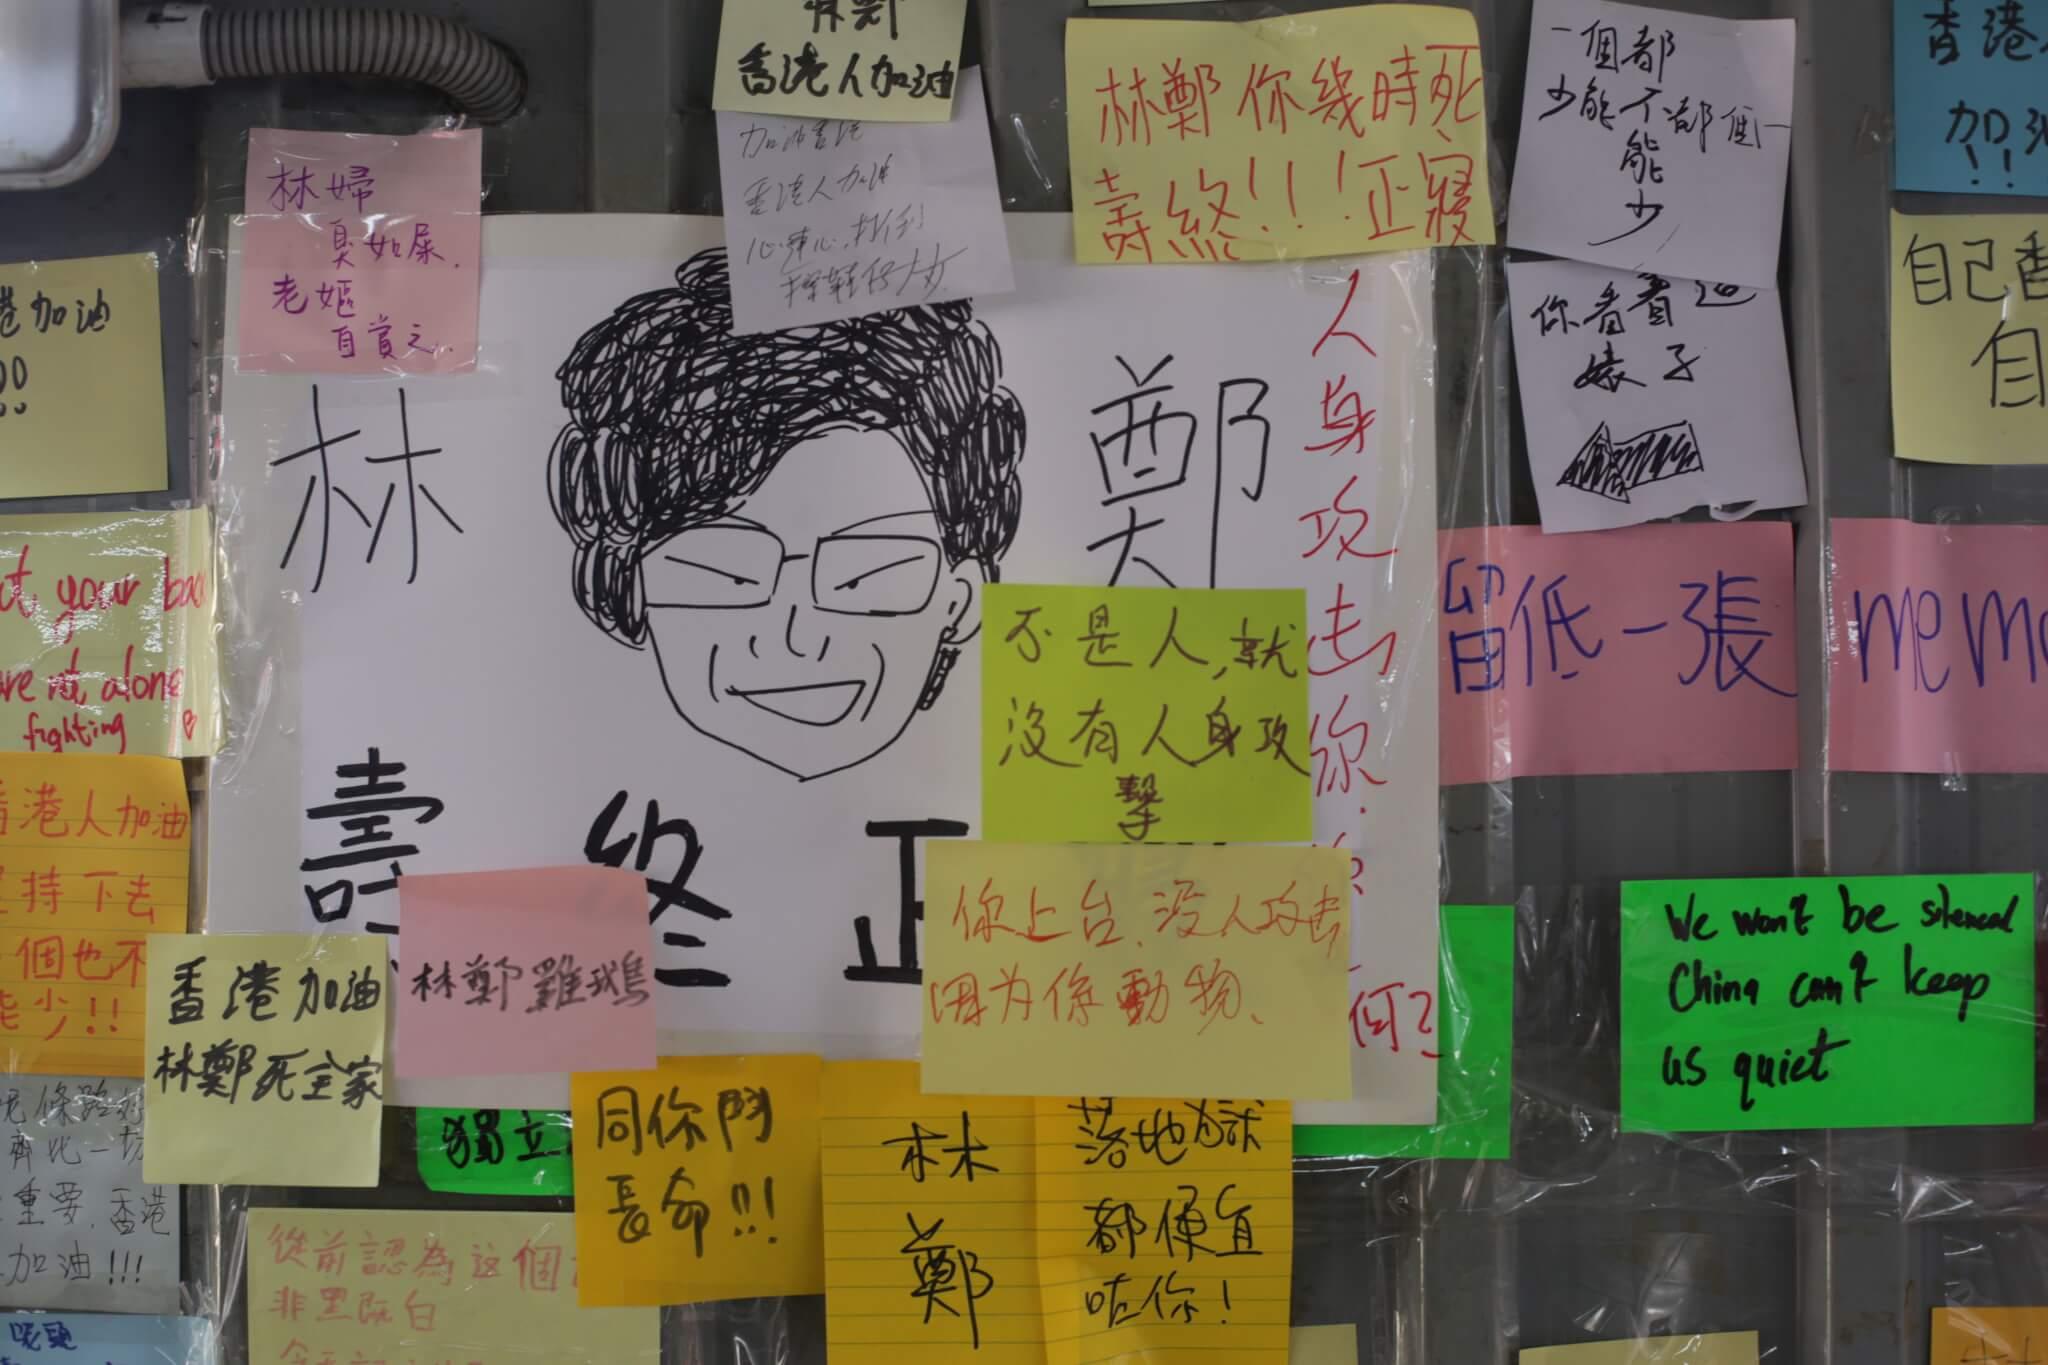 除了文字,畫作亦是市民表達訴求的工具。